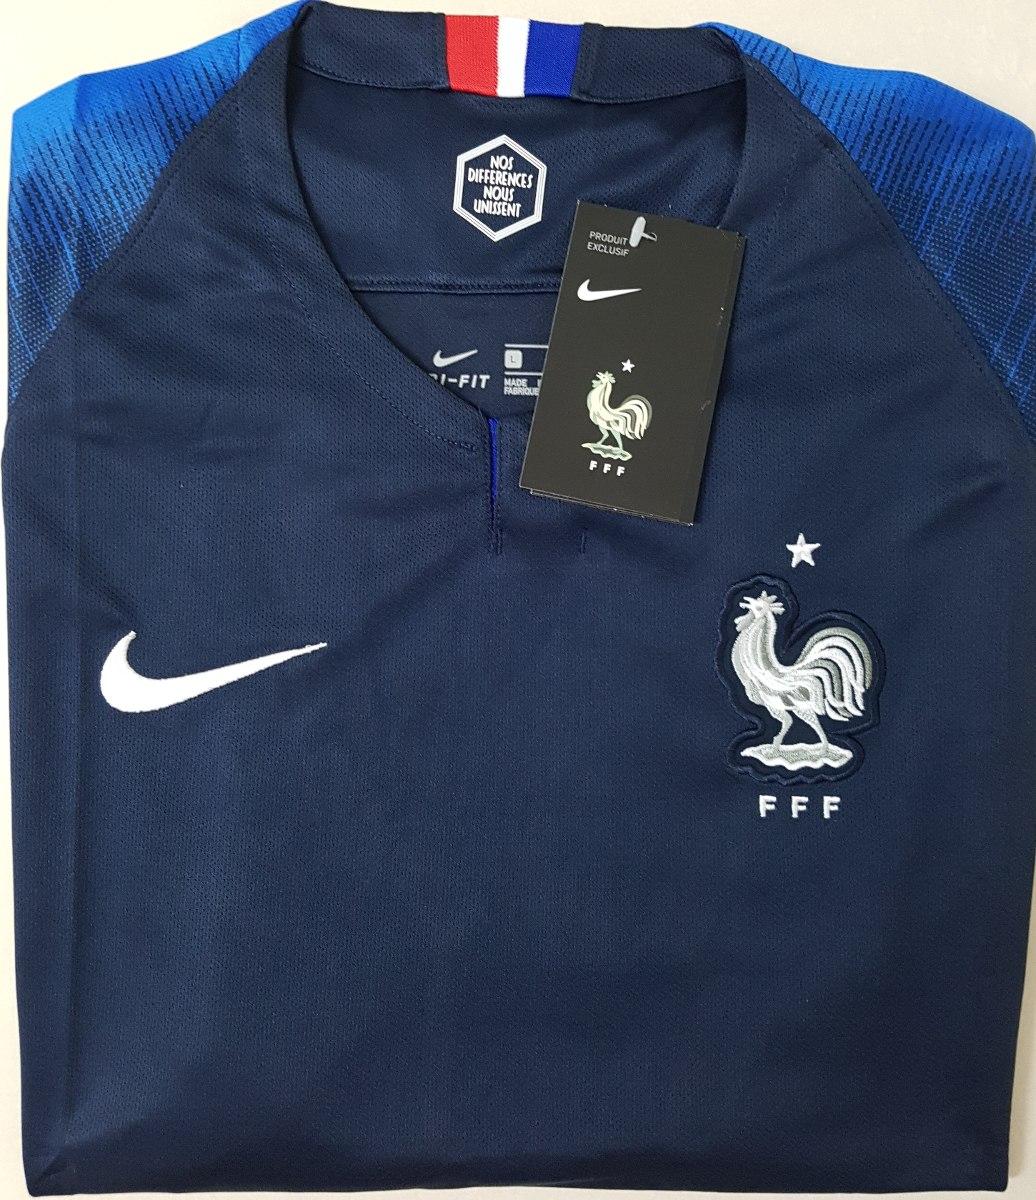 a7a1653464cef Camisa Nike Manchester City 2018 2019 I Torcedor Azul Masculina  01da7400deff17  O produto  Camisa Original França 2018 (home) - R 120